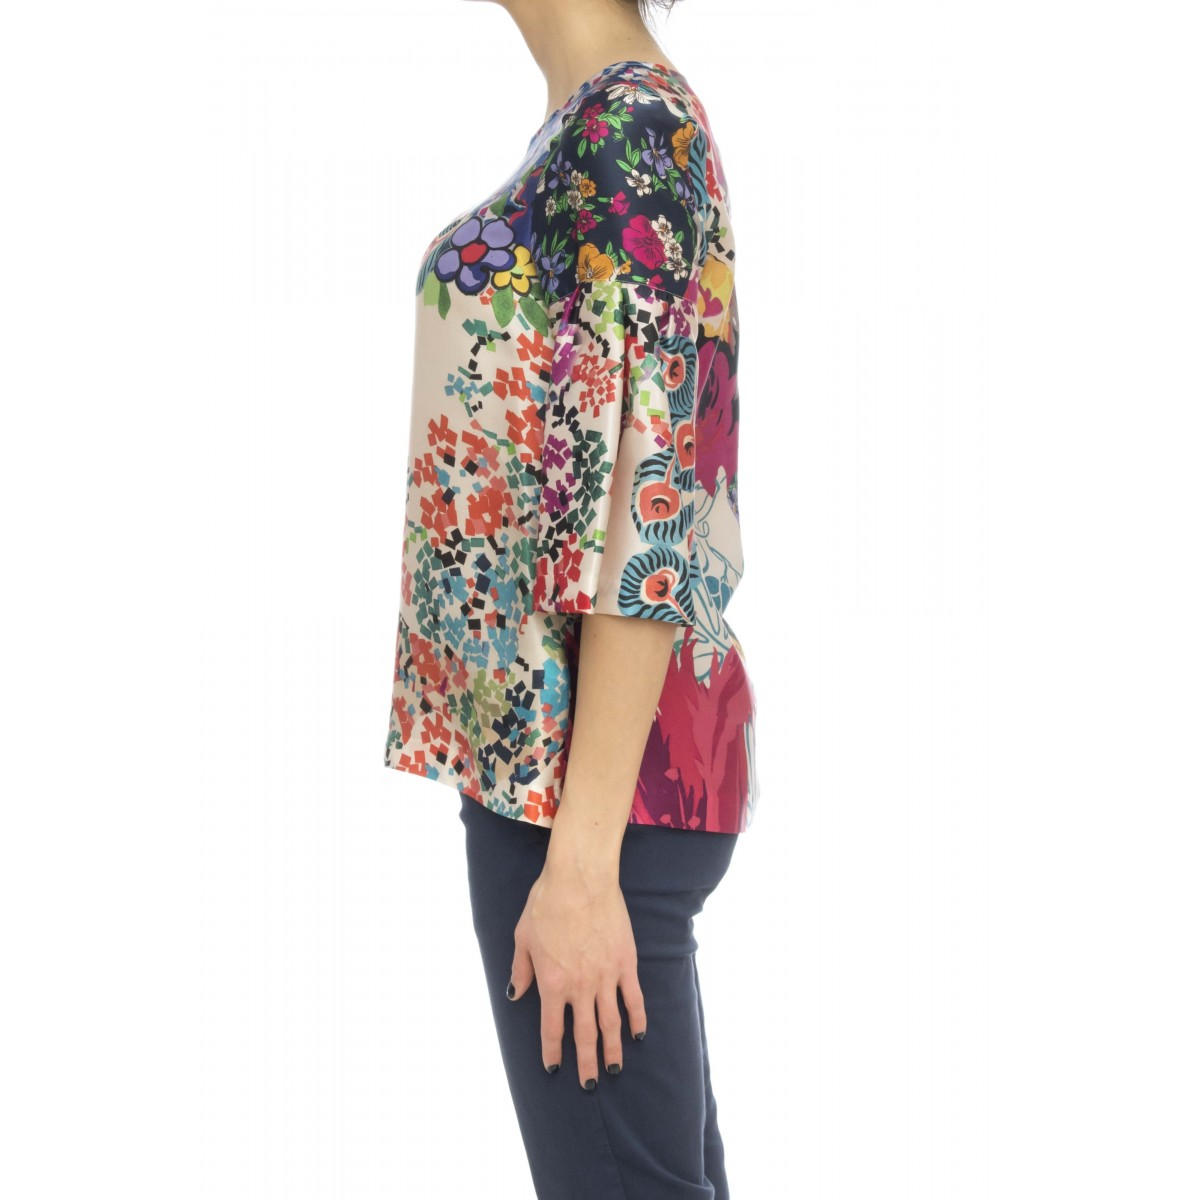 Camicia donna - Pjn zuy stampa seta